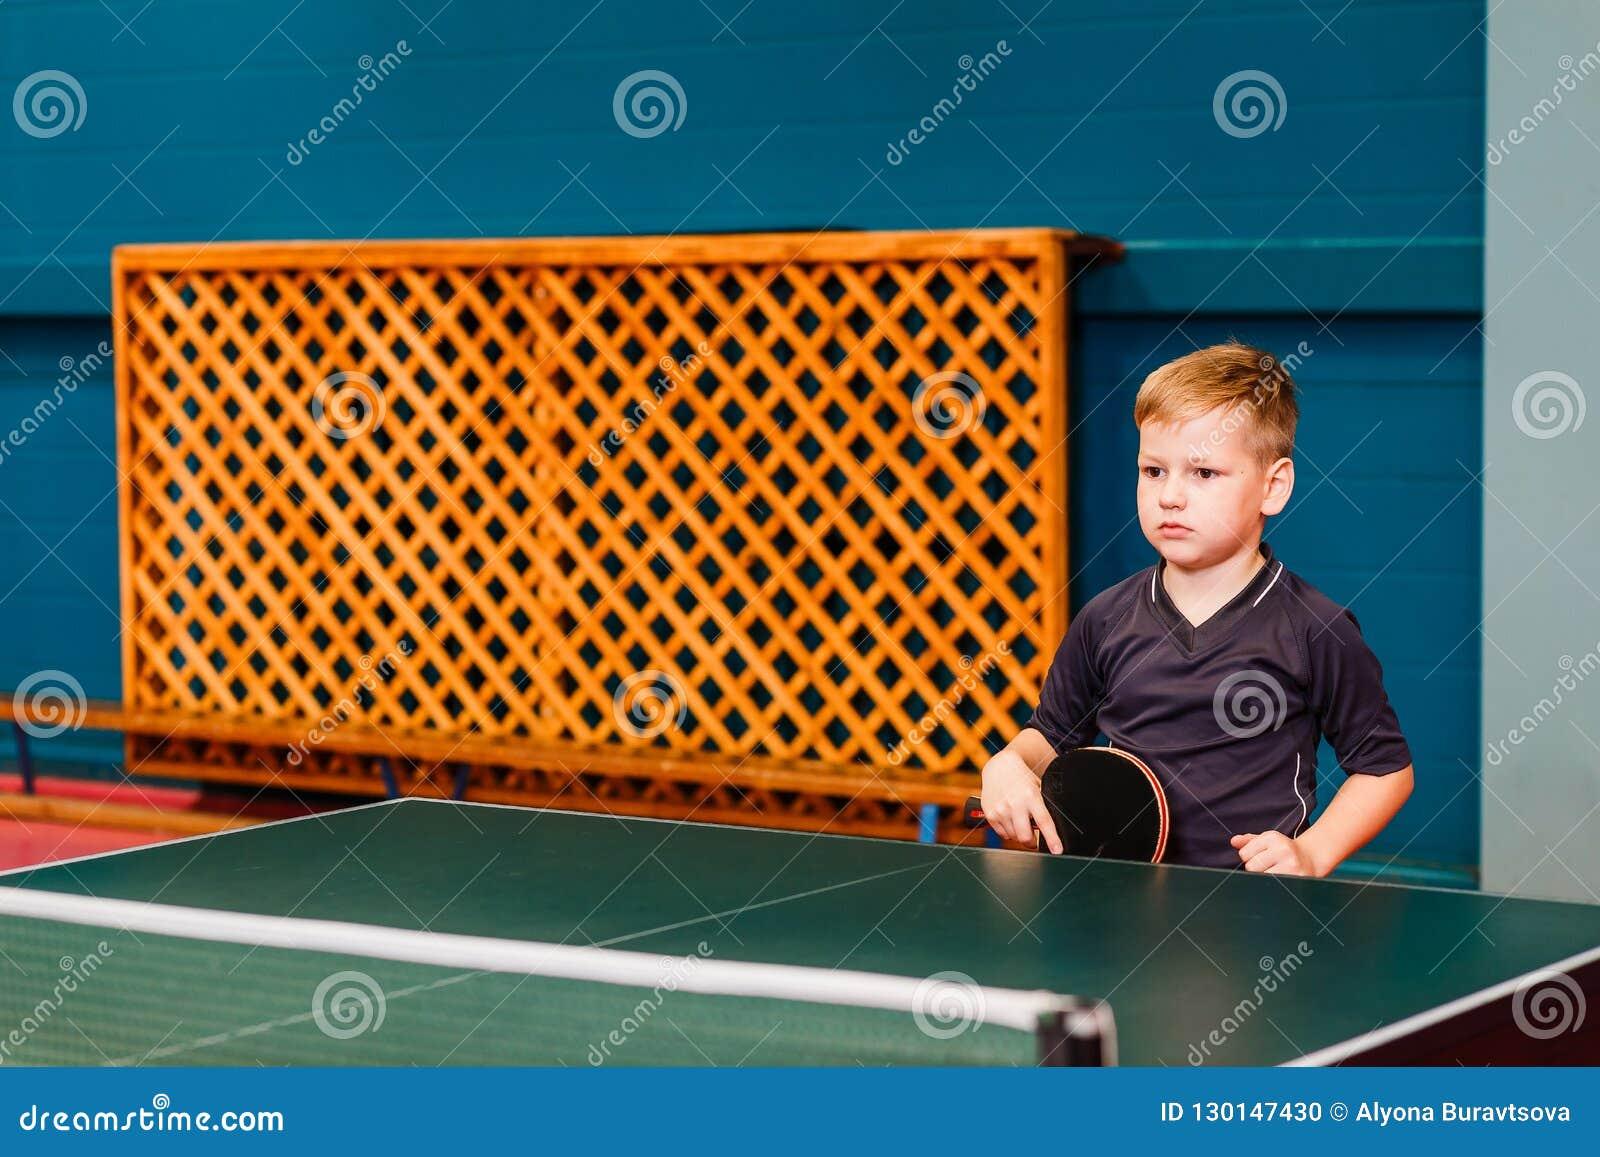 Een kind bevindt zich dichtbij de tennisracket met handen